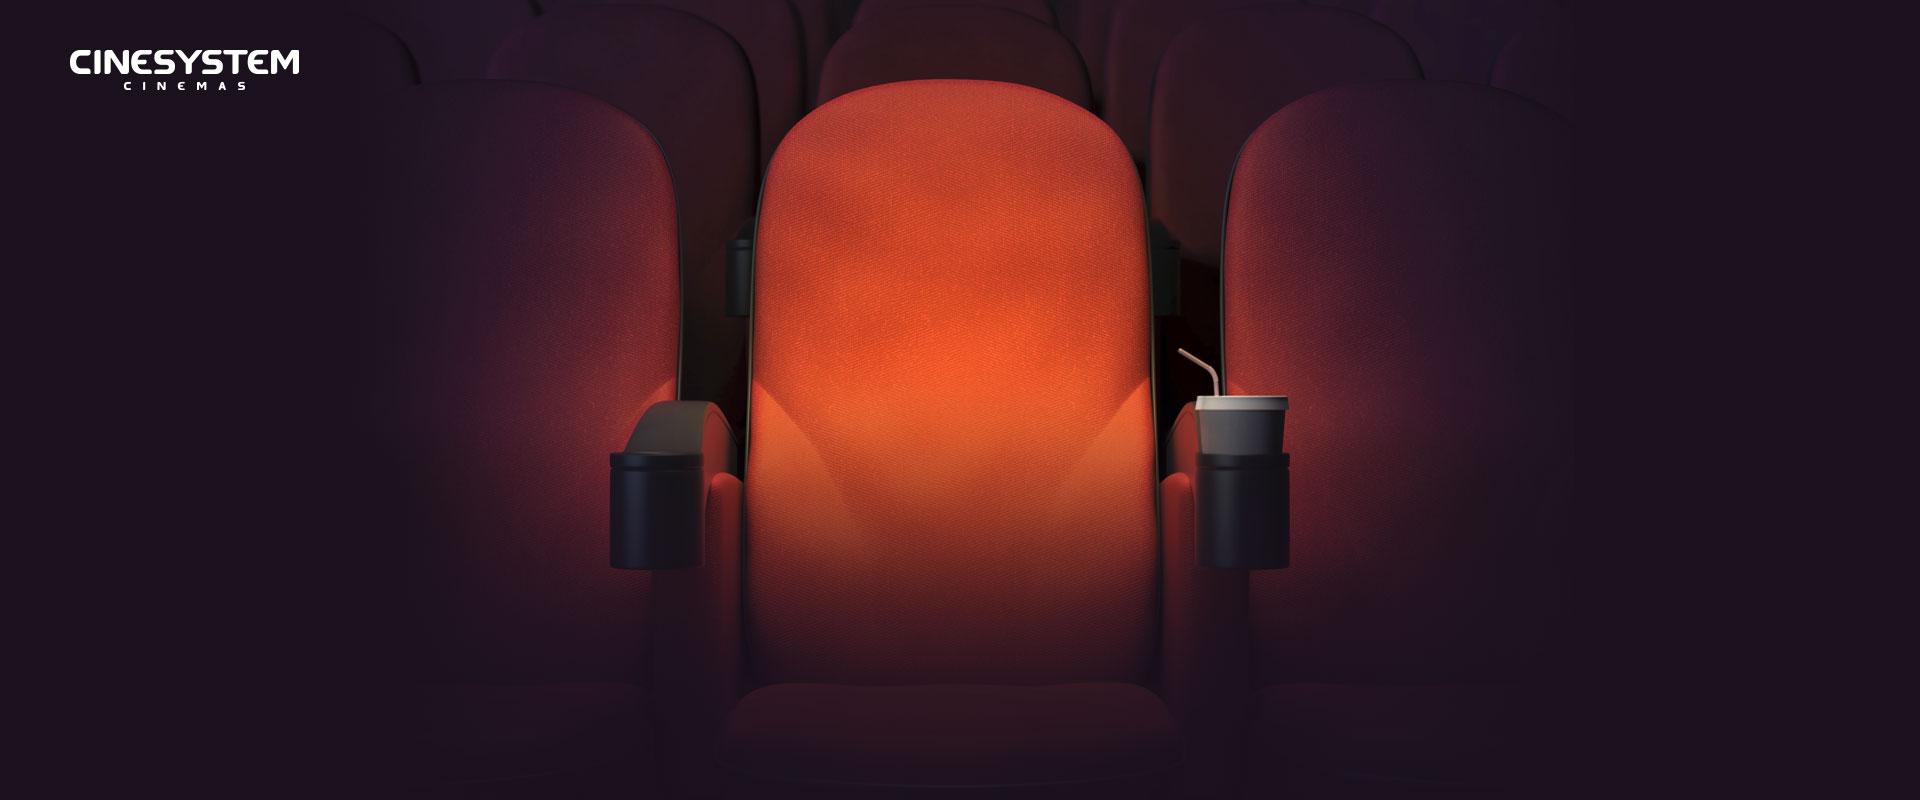 Banner da promoção Concorra a ingressos - Cinesystem